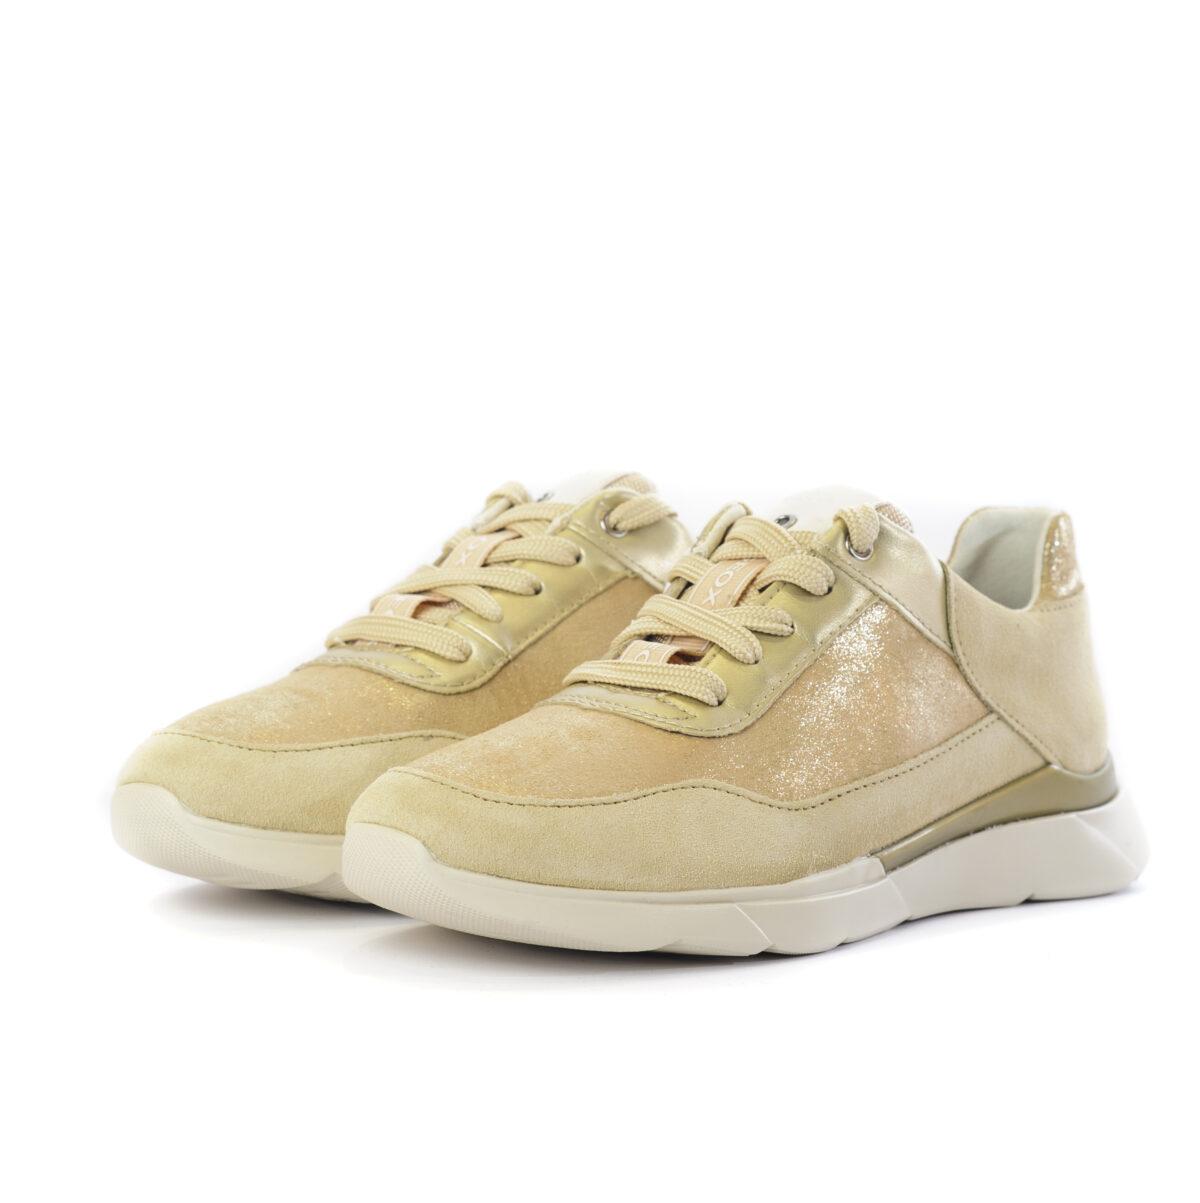 Γυναικείο Sneaker με Gold Λεπτομέρειες 1